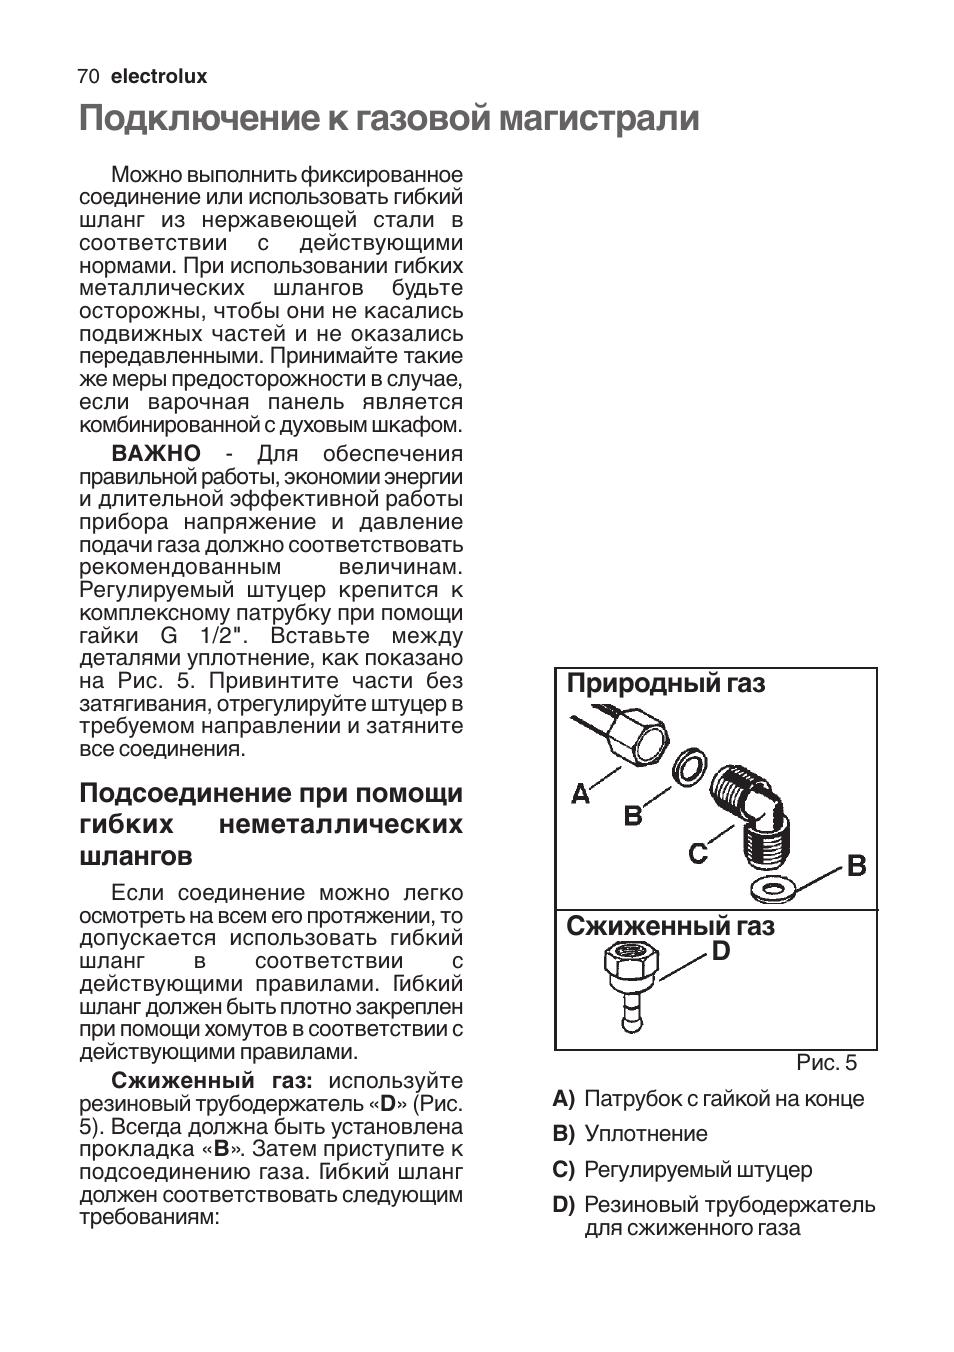 инструкция по эксплуатации газовой плиты электролюкс